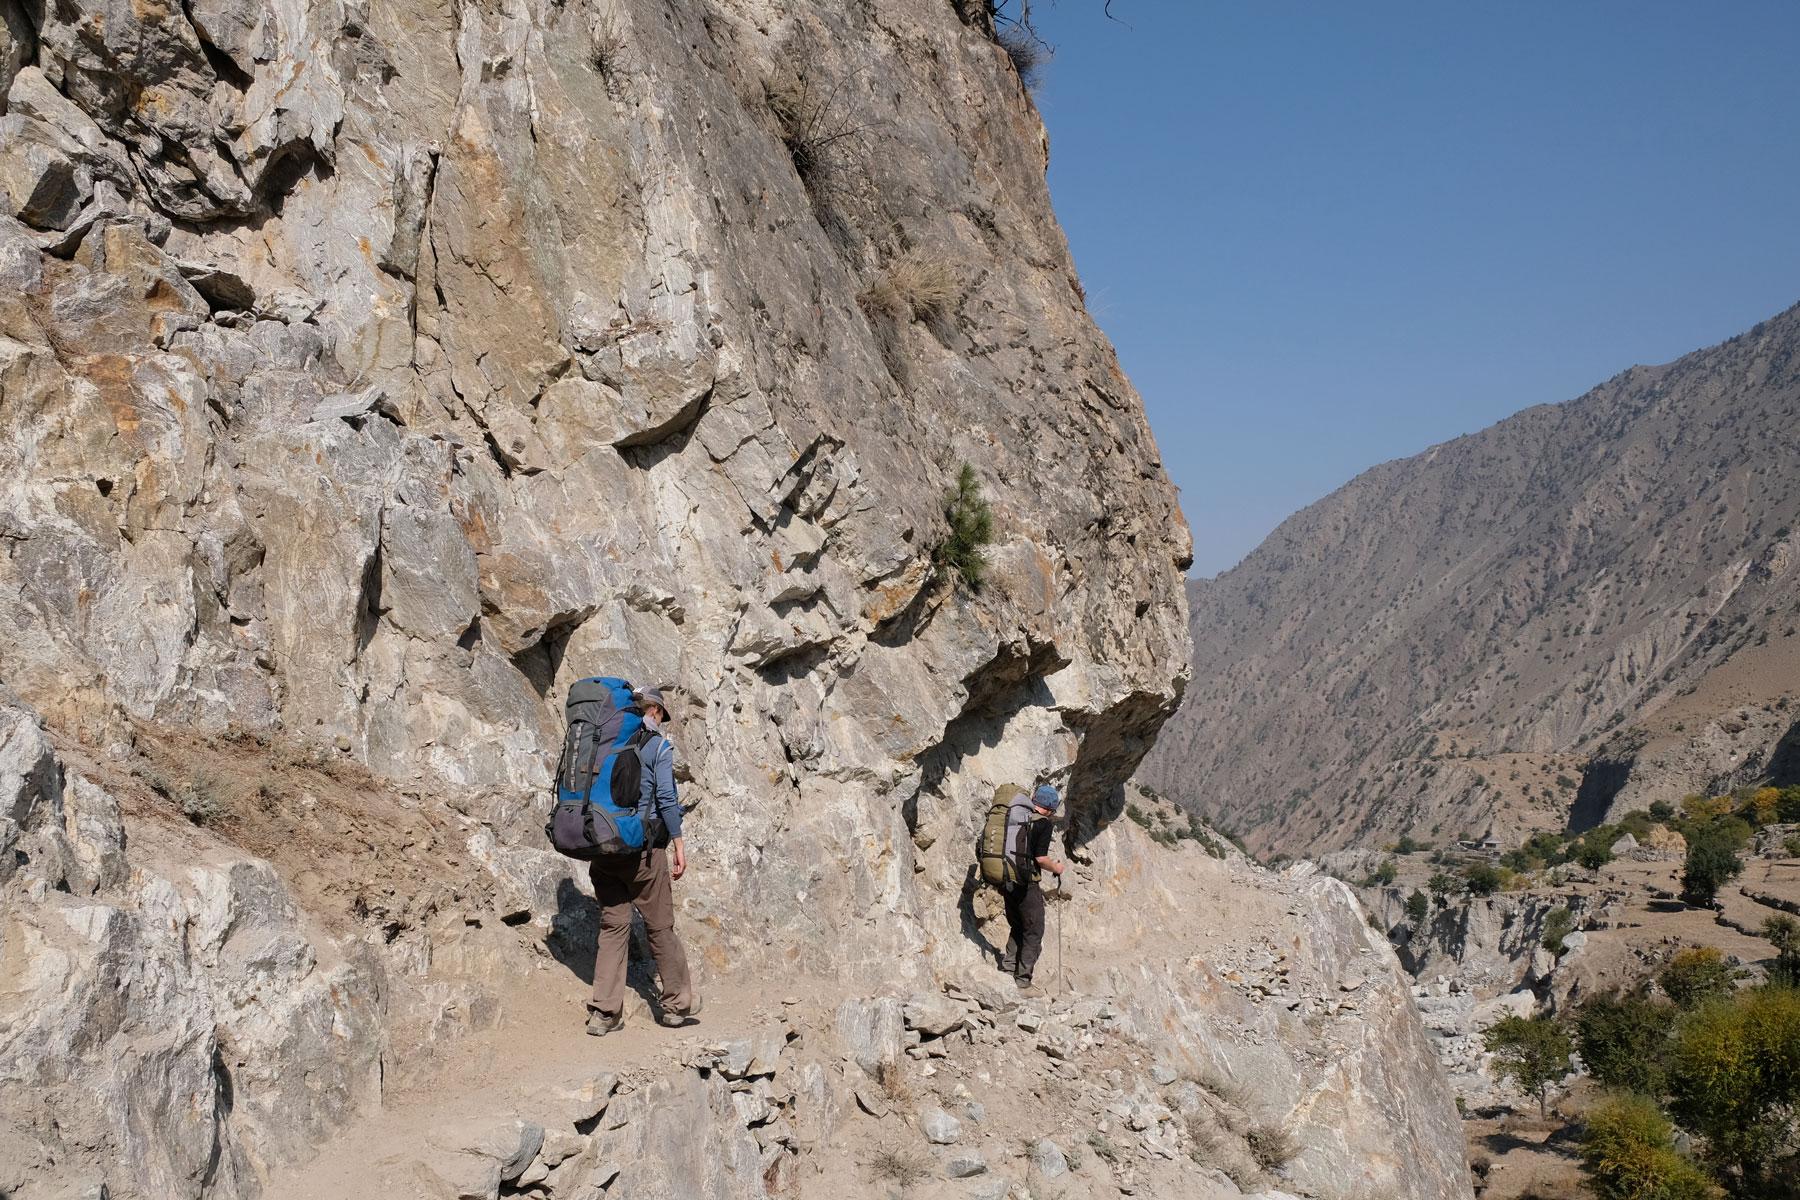 Leo und ein Mann gehen auf einem schmalen Pfad im Gebirge.